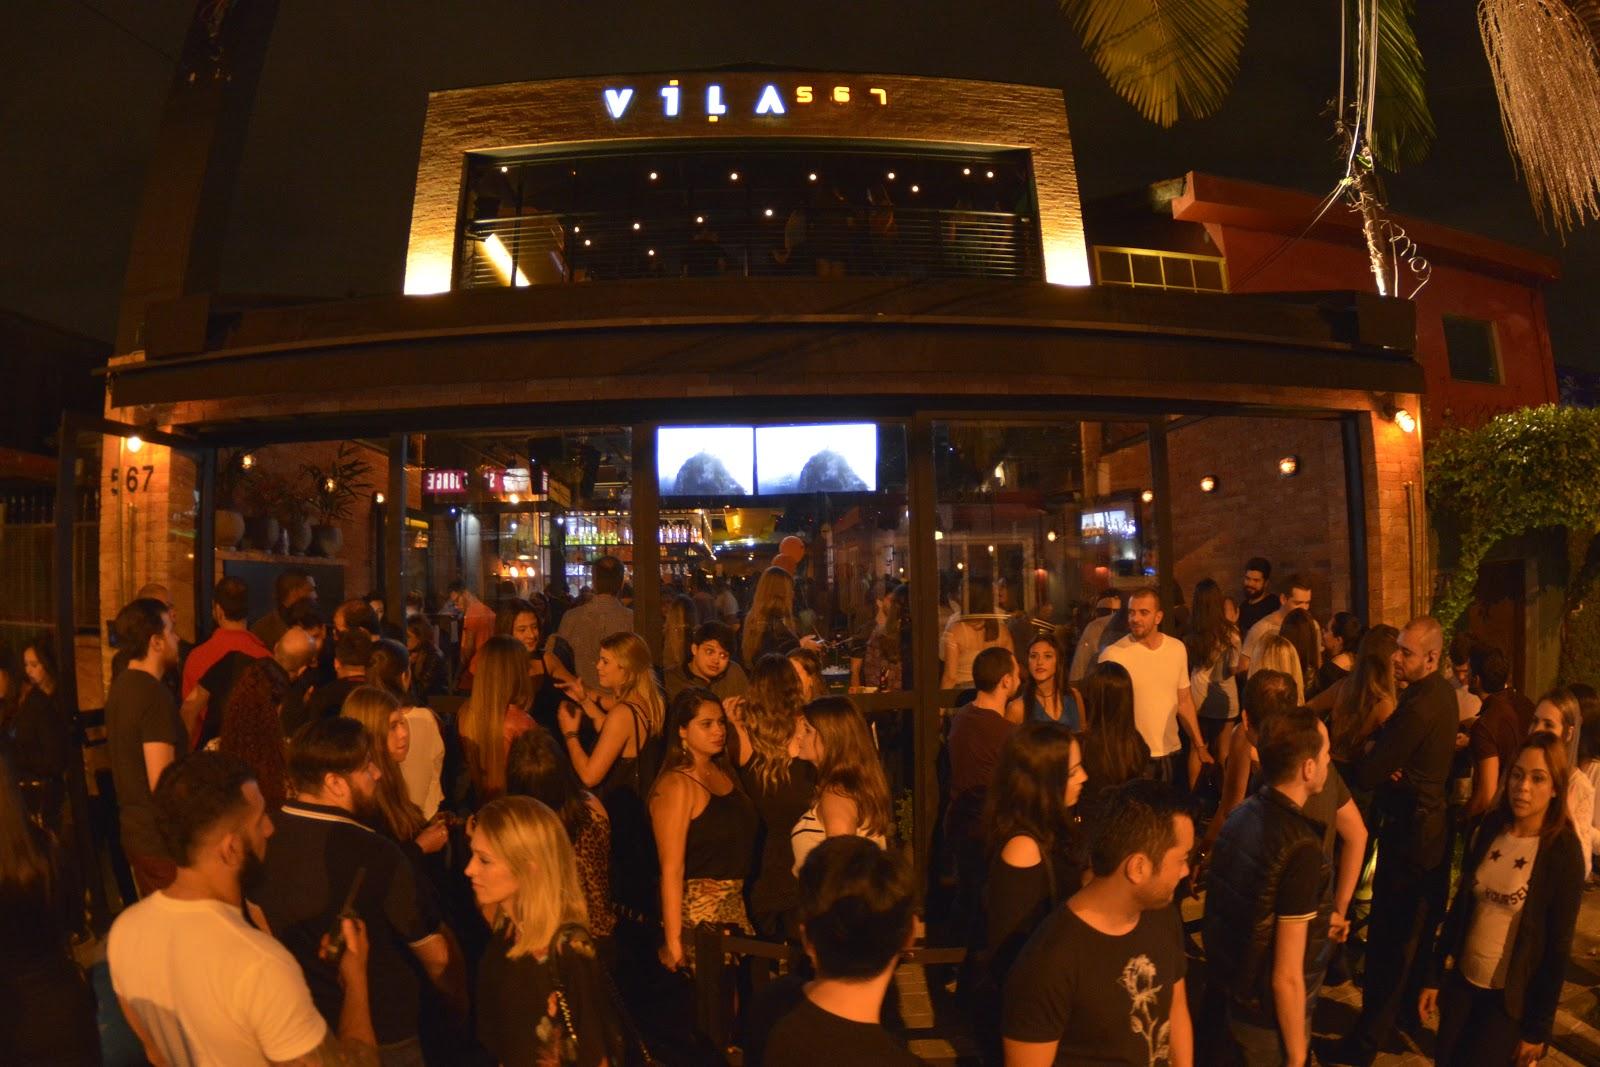 Vila 567 estreia novo conceito de happy hour na Vila Madalena 41